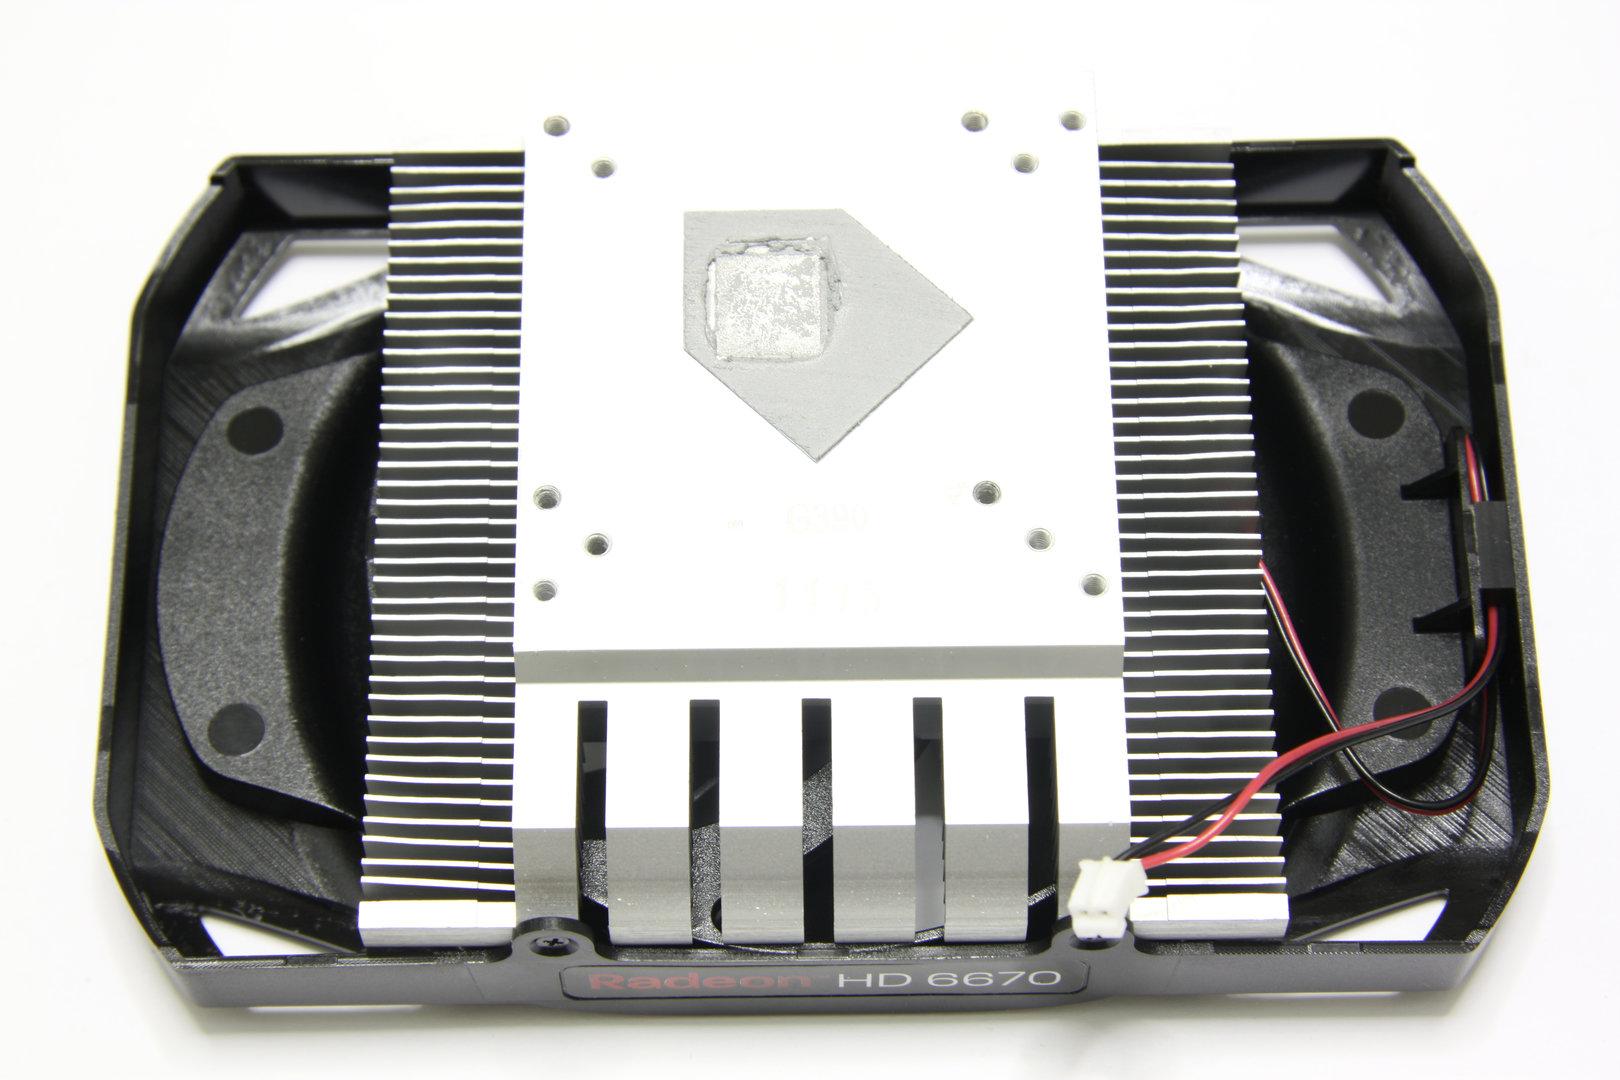 Radeon HD 6670 Kühlerrückseite